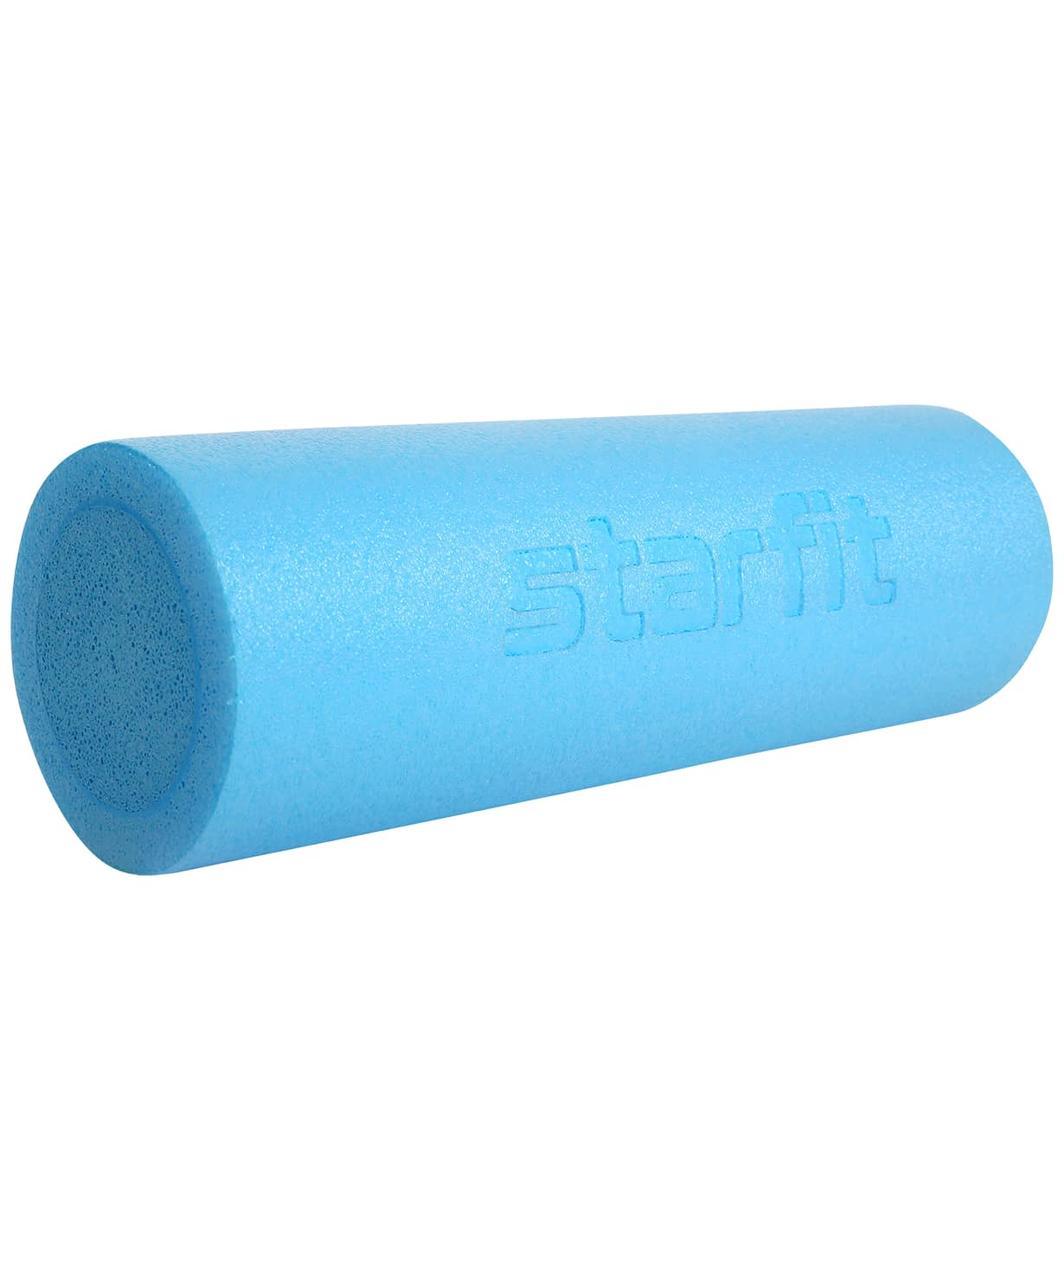 Ролик для йоги и пилатеса Core FA-501, 15x45 см, синий пастель Starfit